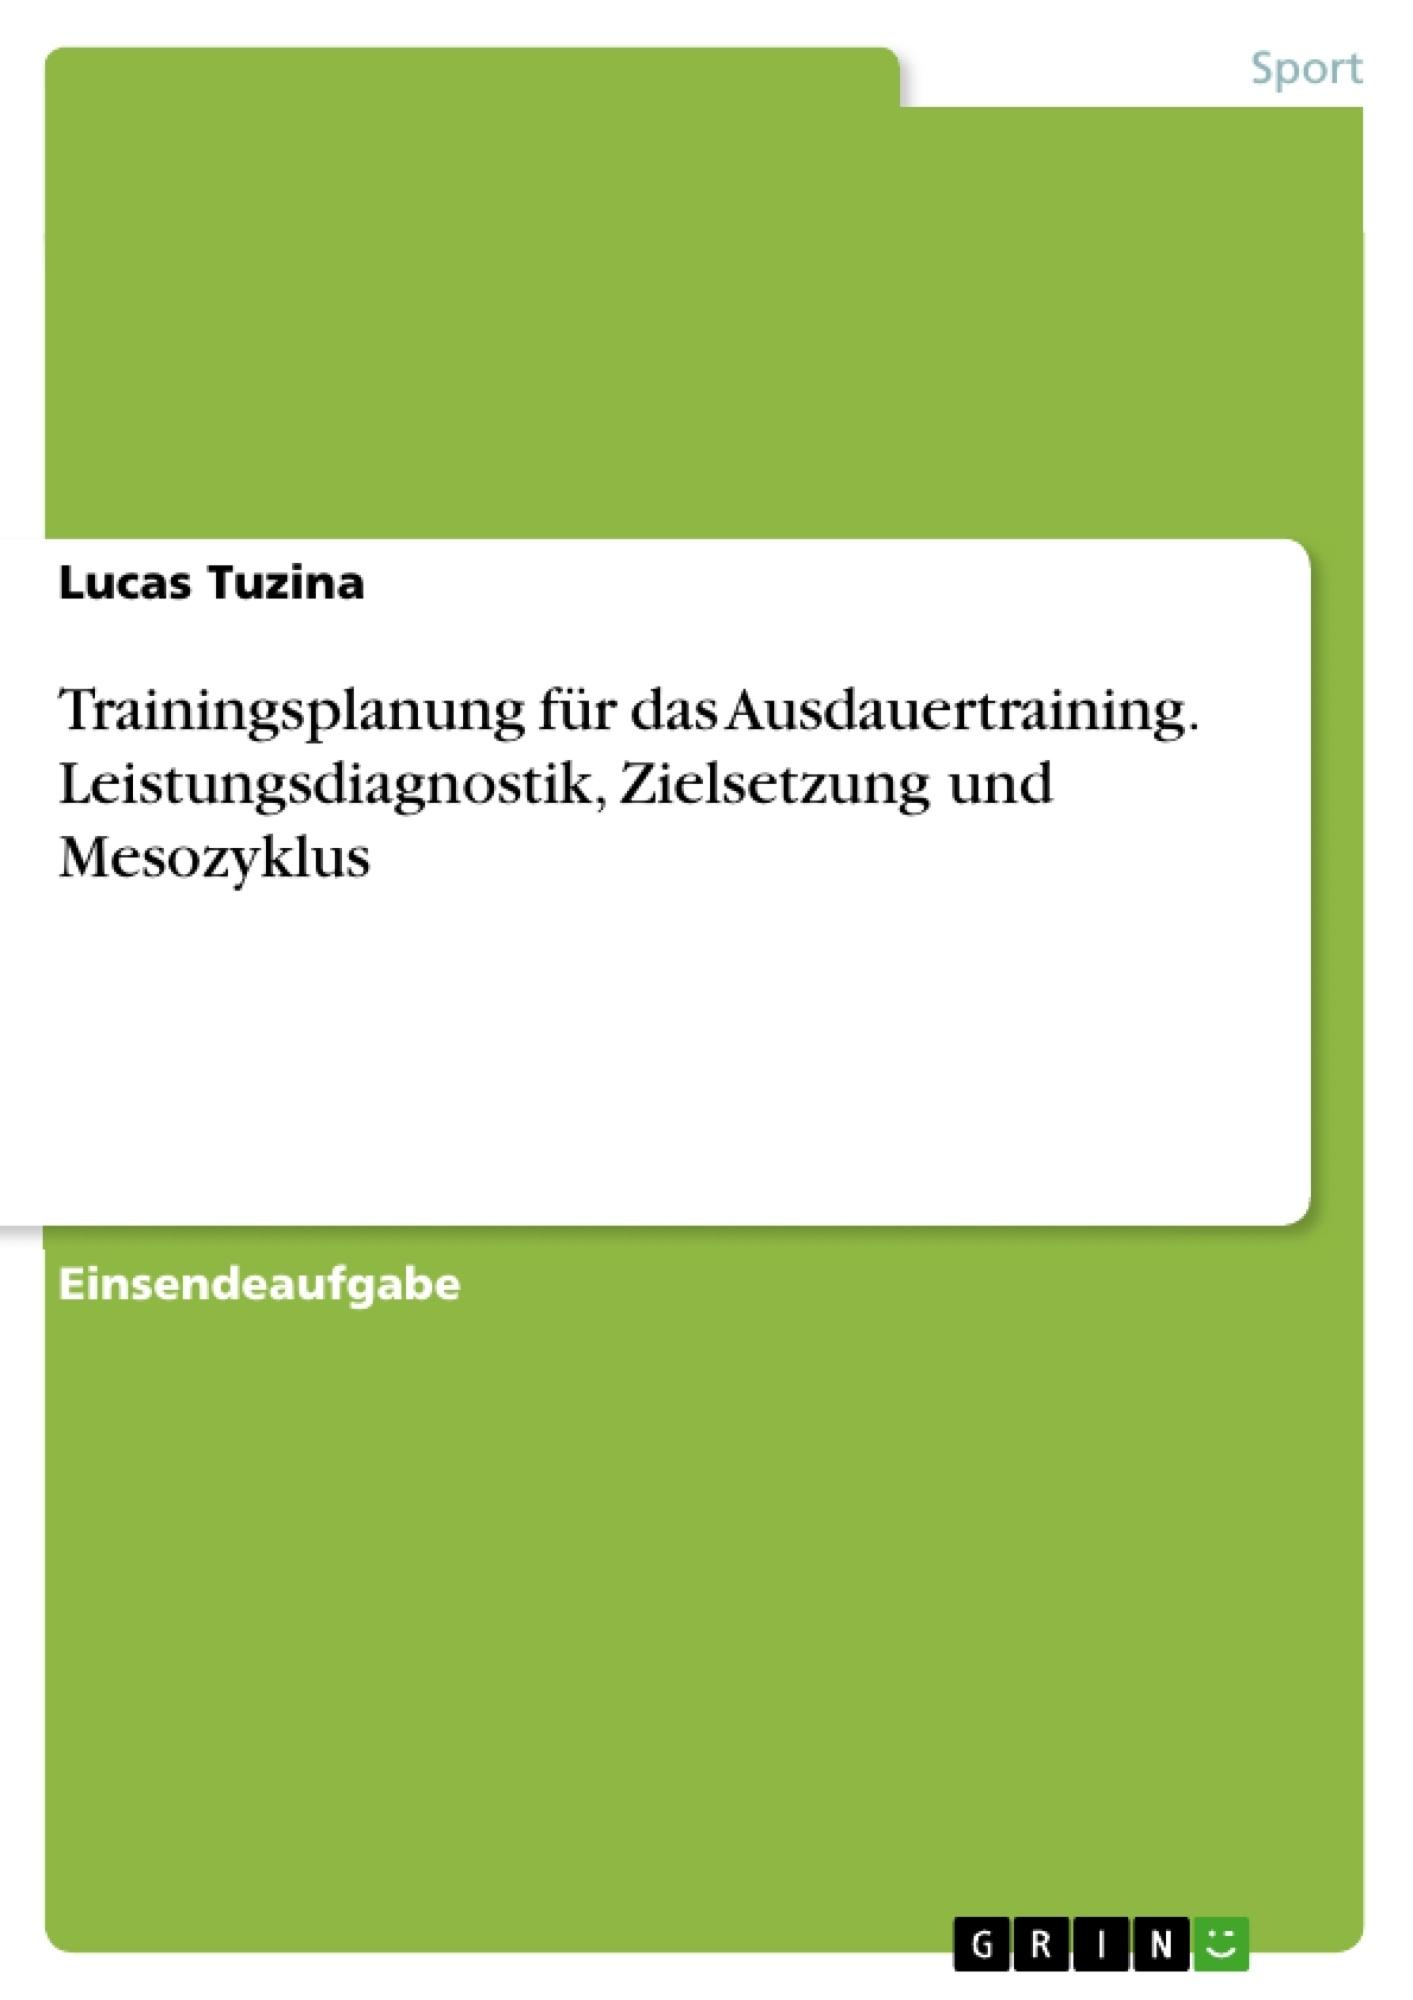 Titel: Trainingsplanung für das Ausdauertraining. Leistungsdiagnostik, Zielsetzung und Mesozyklus